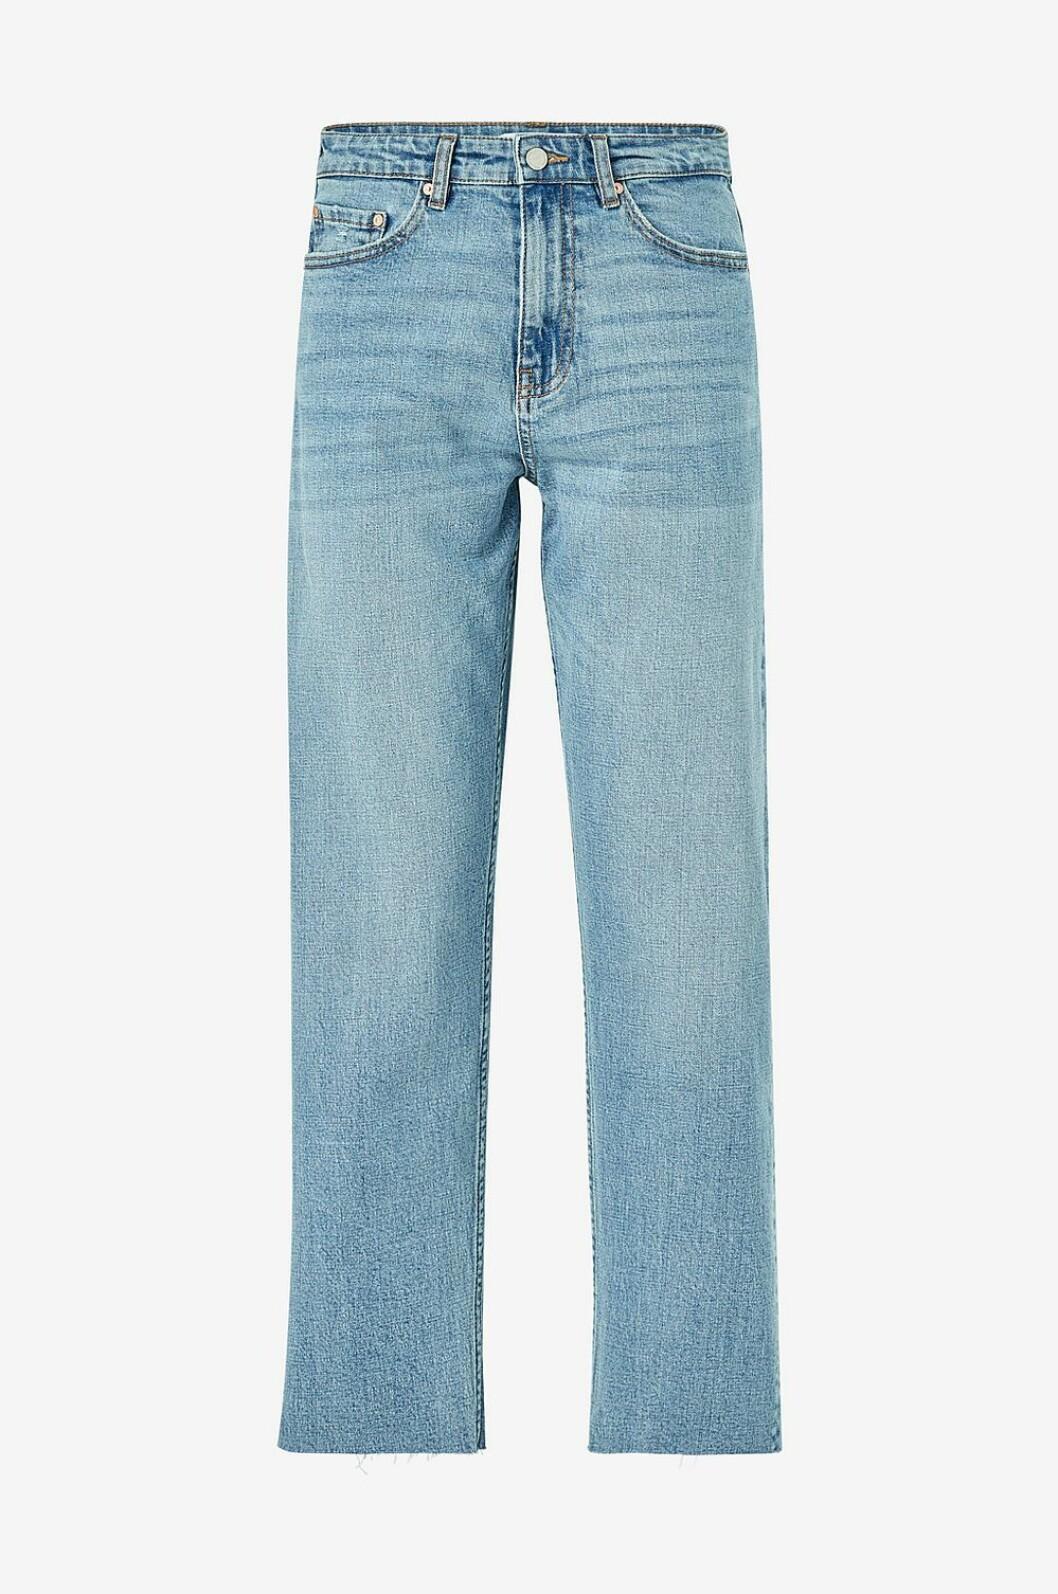 Ljusa jeans med raka ben för dam till våren 2020